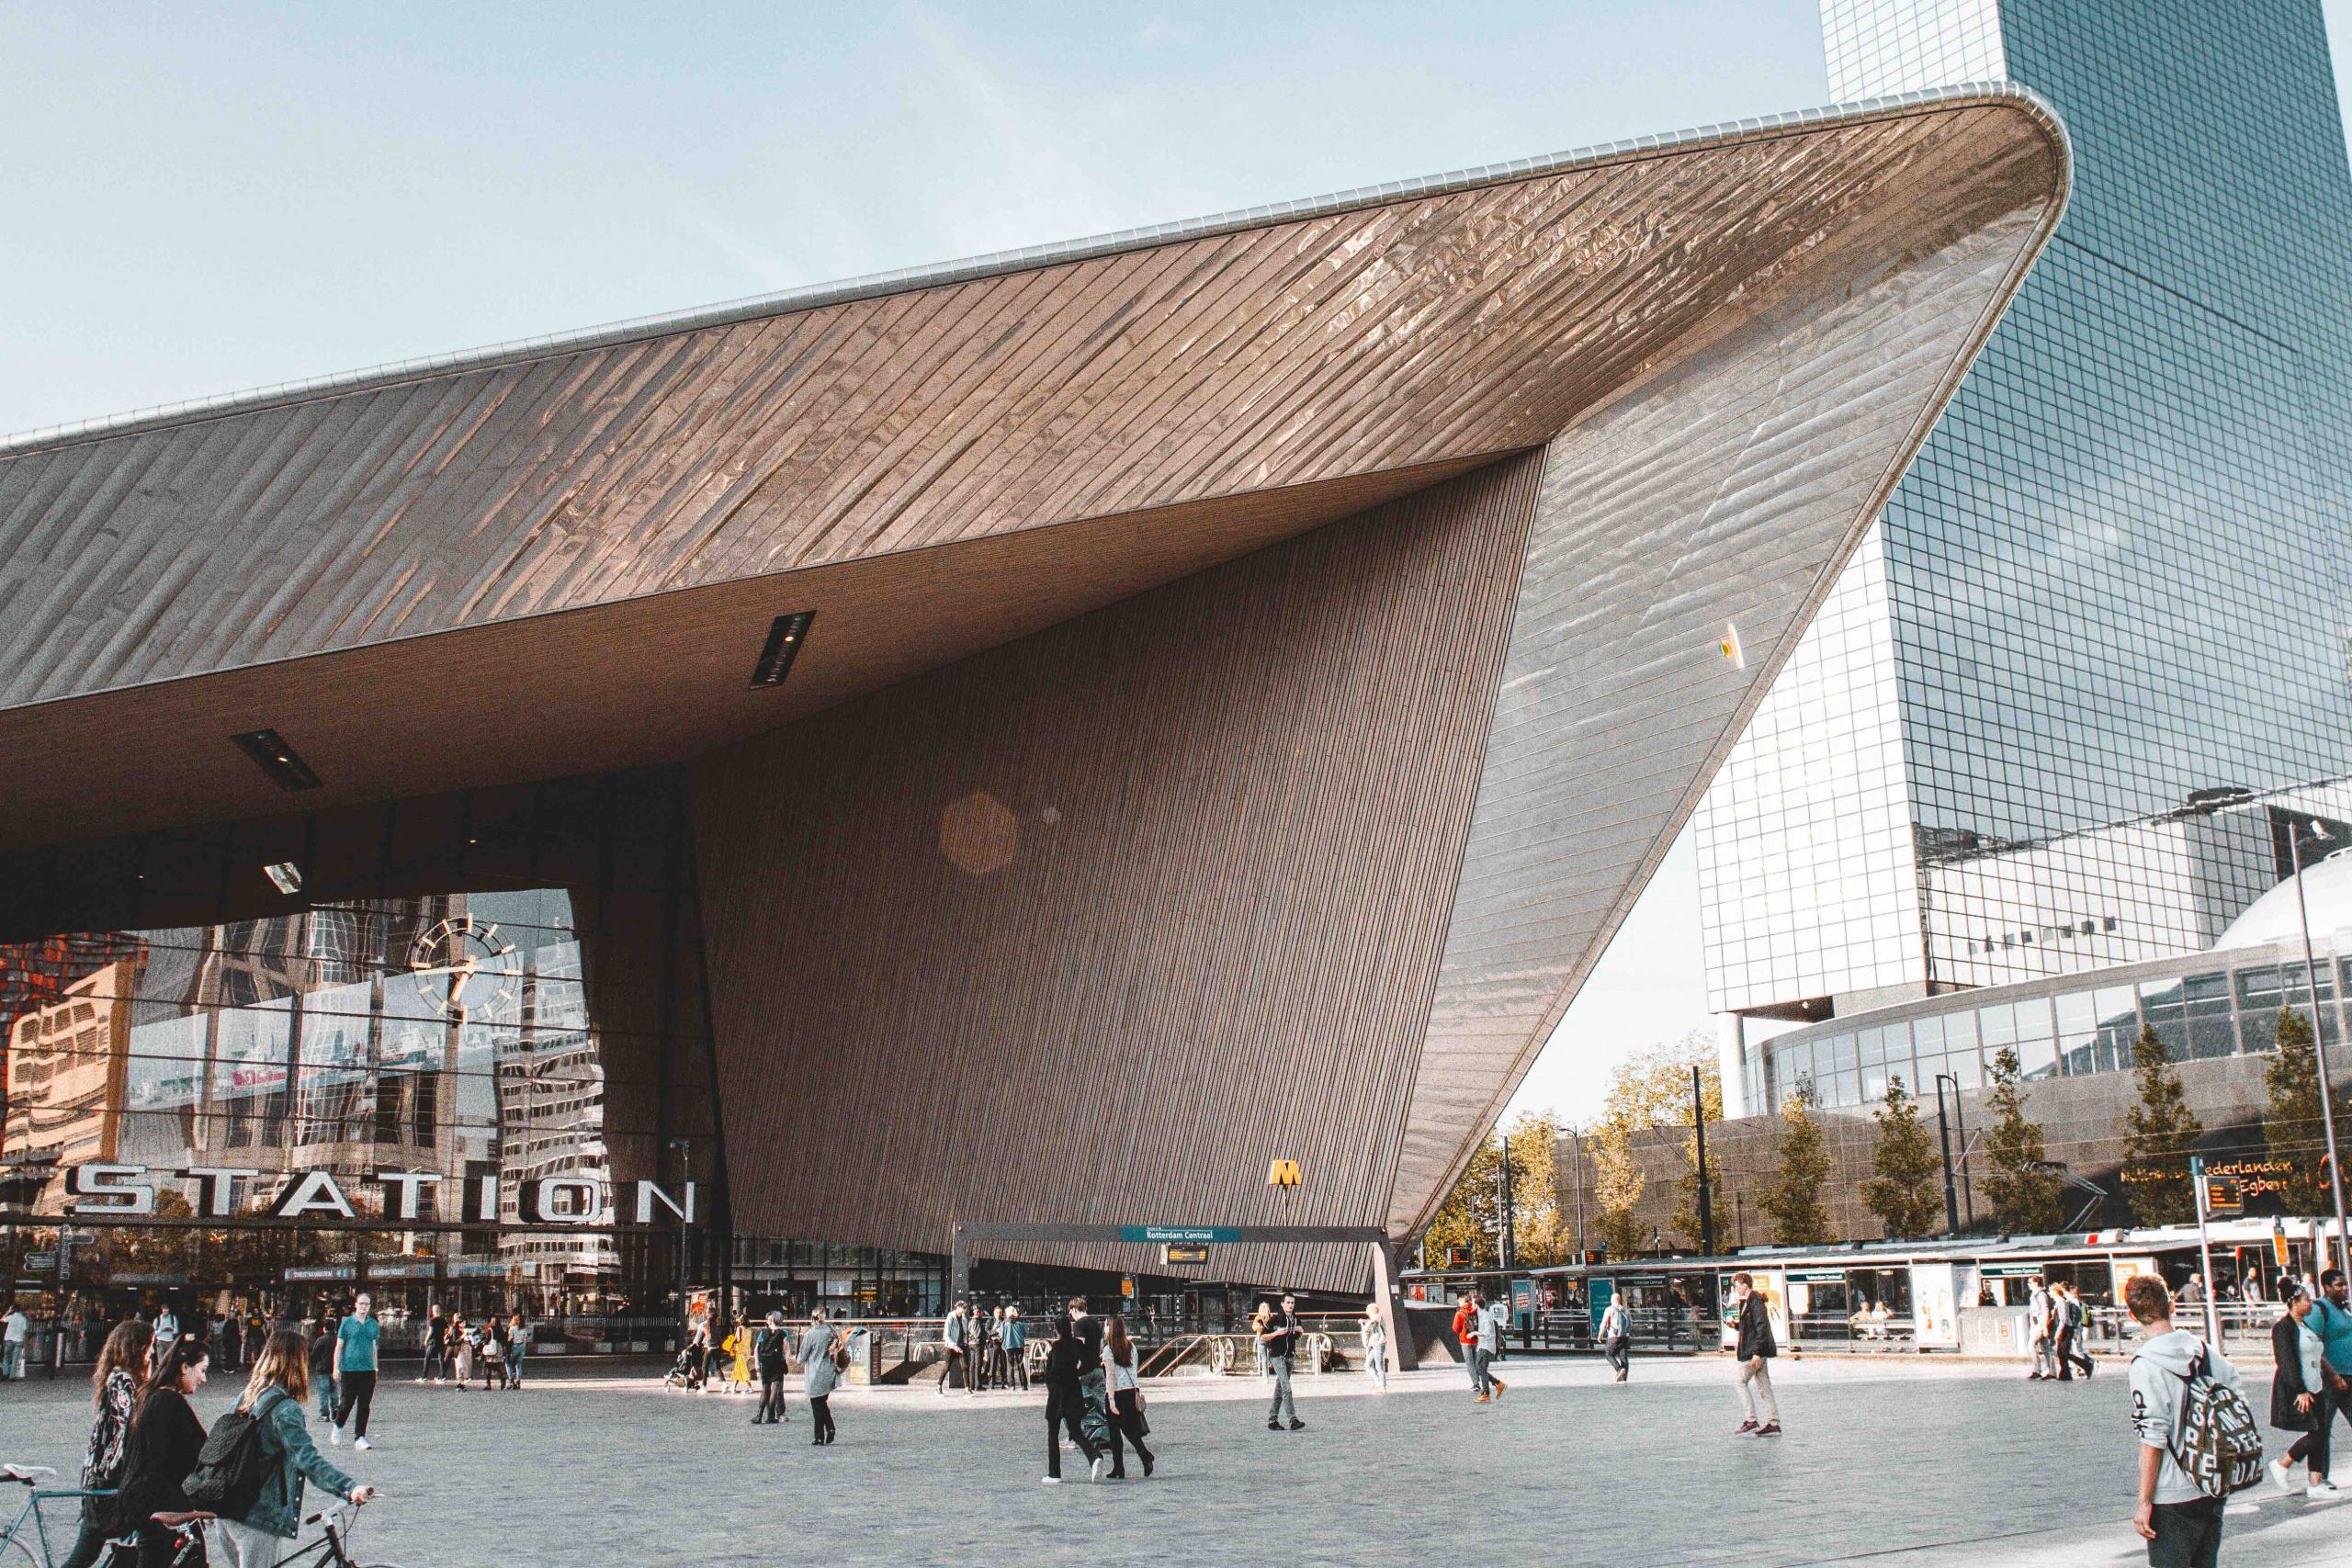 itinerario architettonico di Rotterdam: la stazione centrale